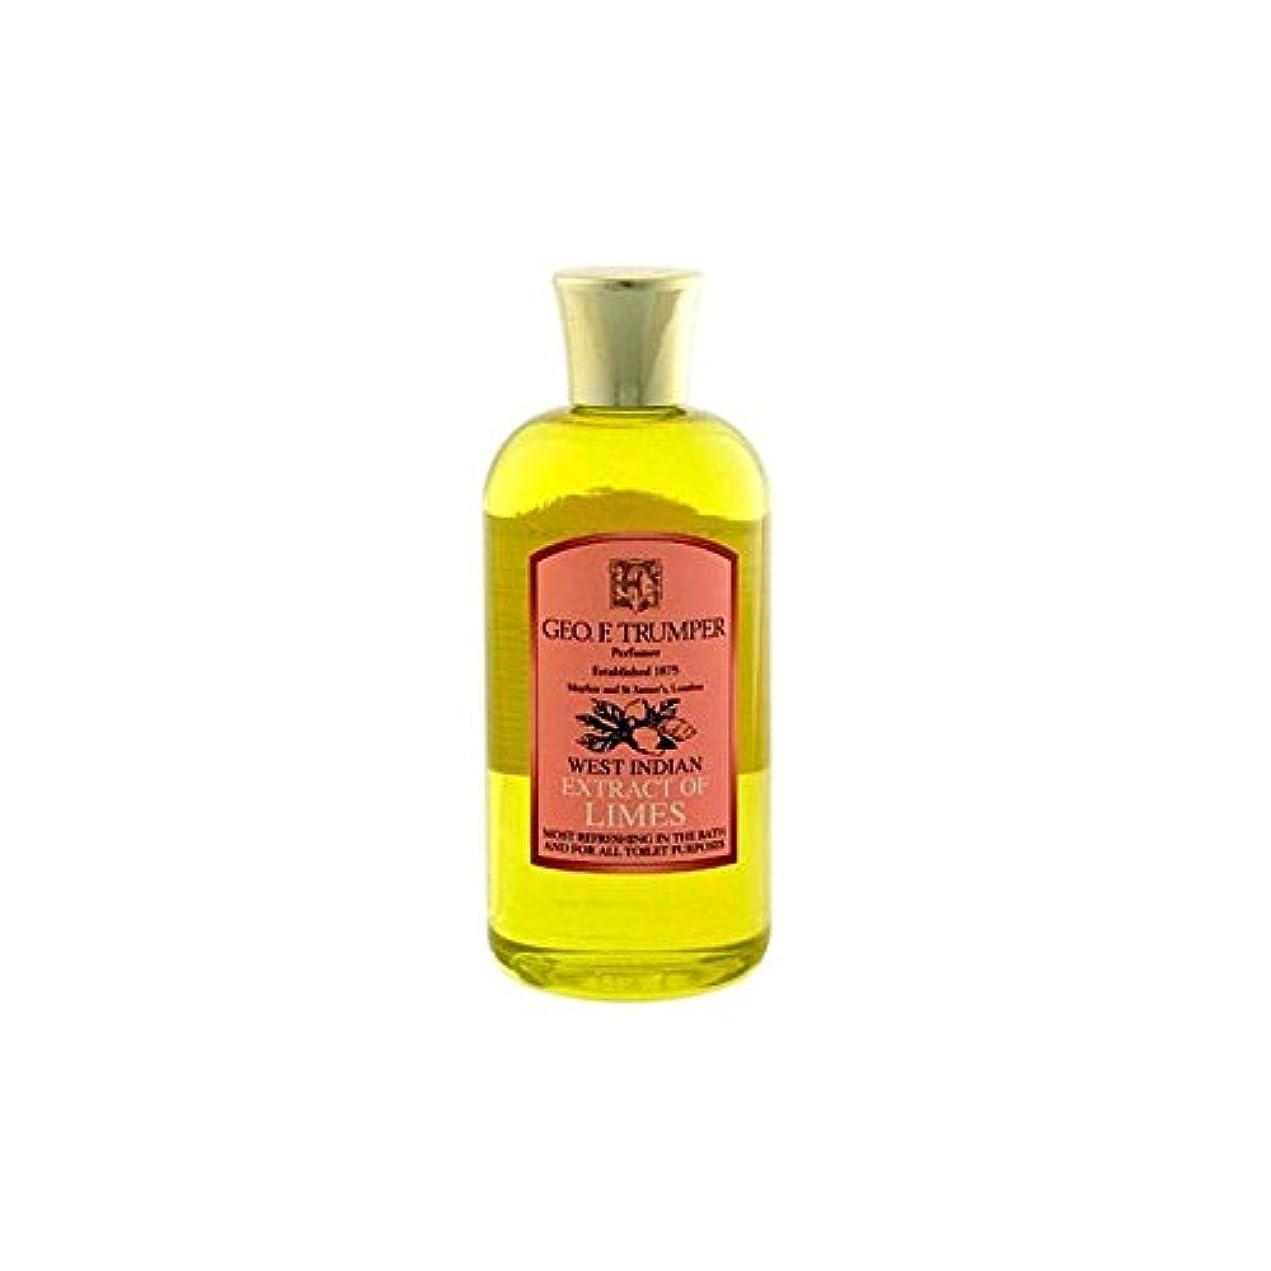 半円嘆願葬儀ライムのバスタブとシャワージェル200の抽出物を x2 - Trumpers Extracts of Limes Bath and Shower Gel 200ml (Pack of 2) [並行輸入品]